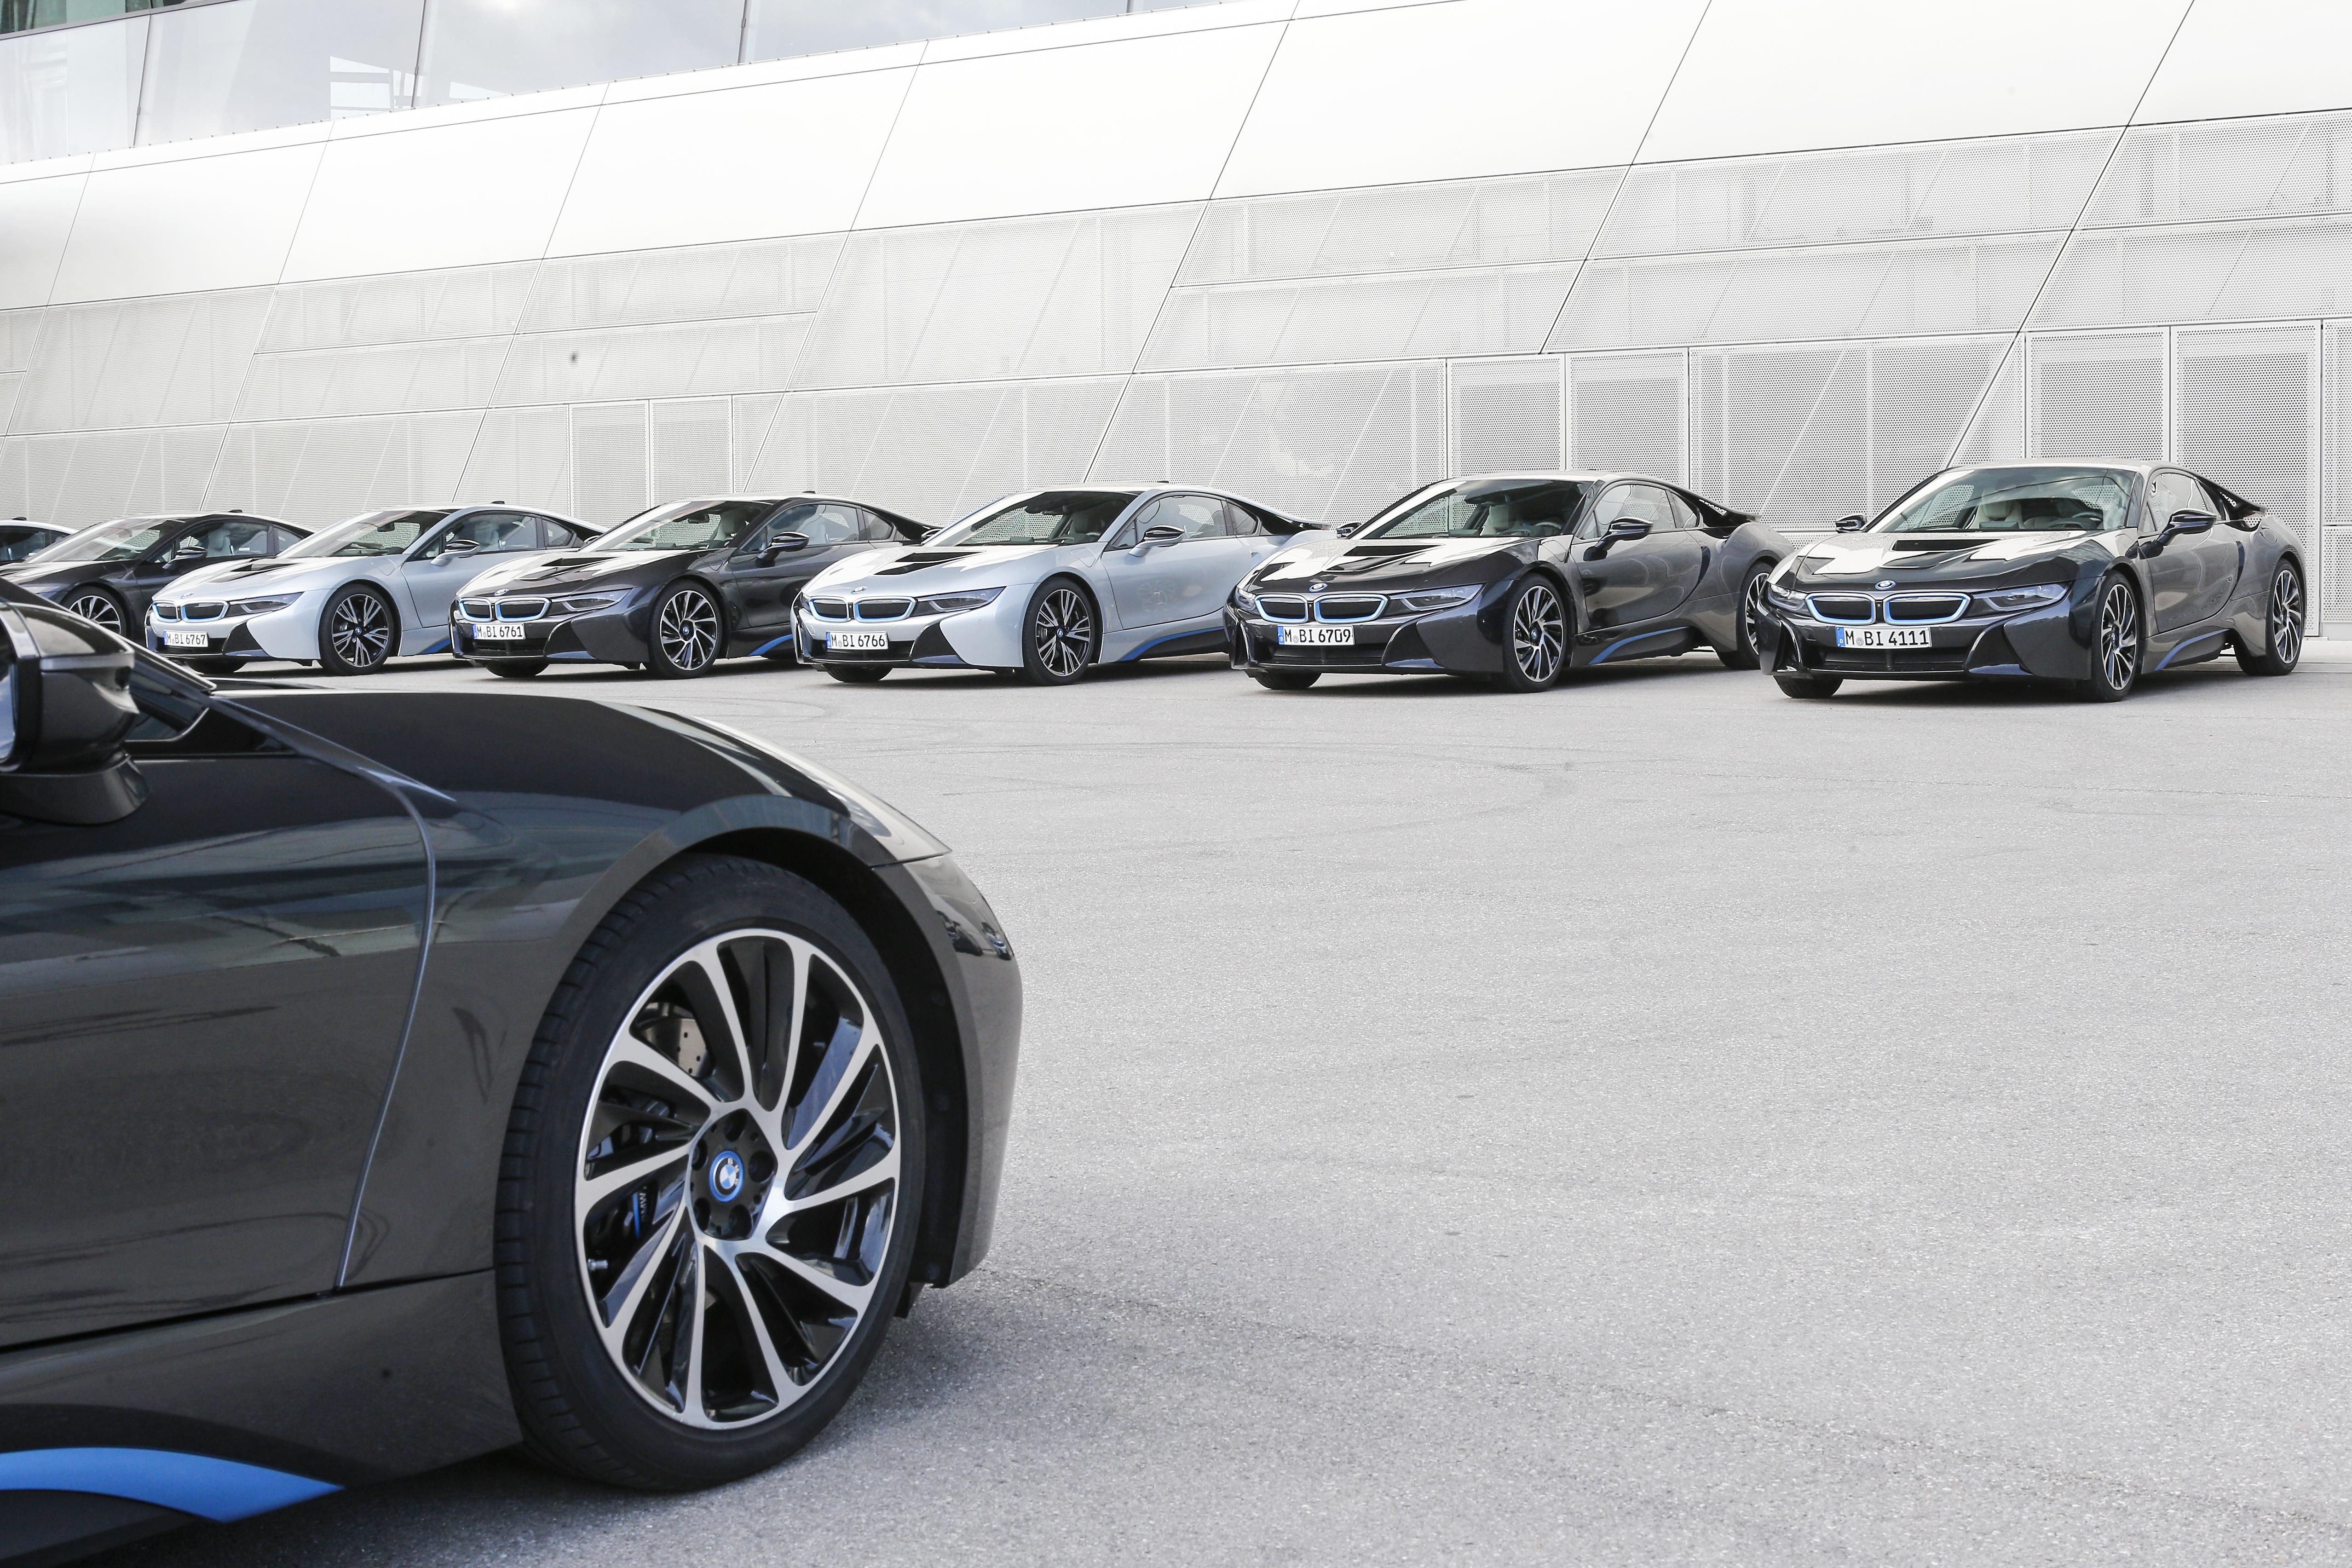 Zo kennen we de BMW i8 het beste, in het grijs. Foto: BMW